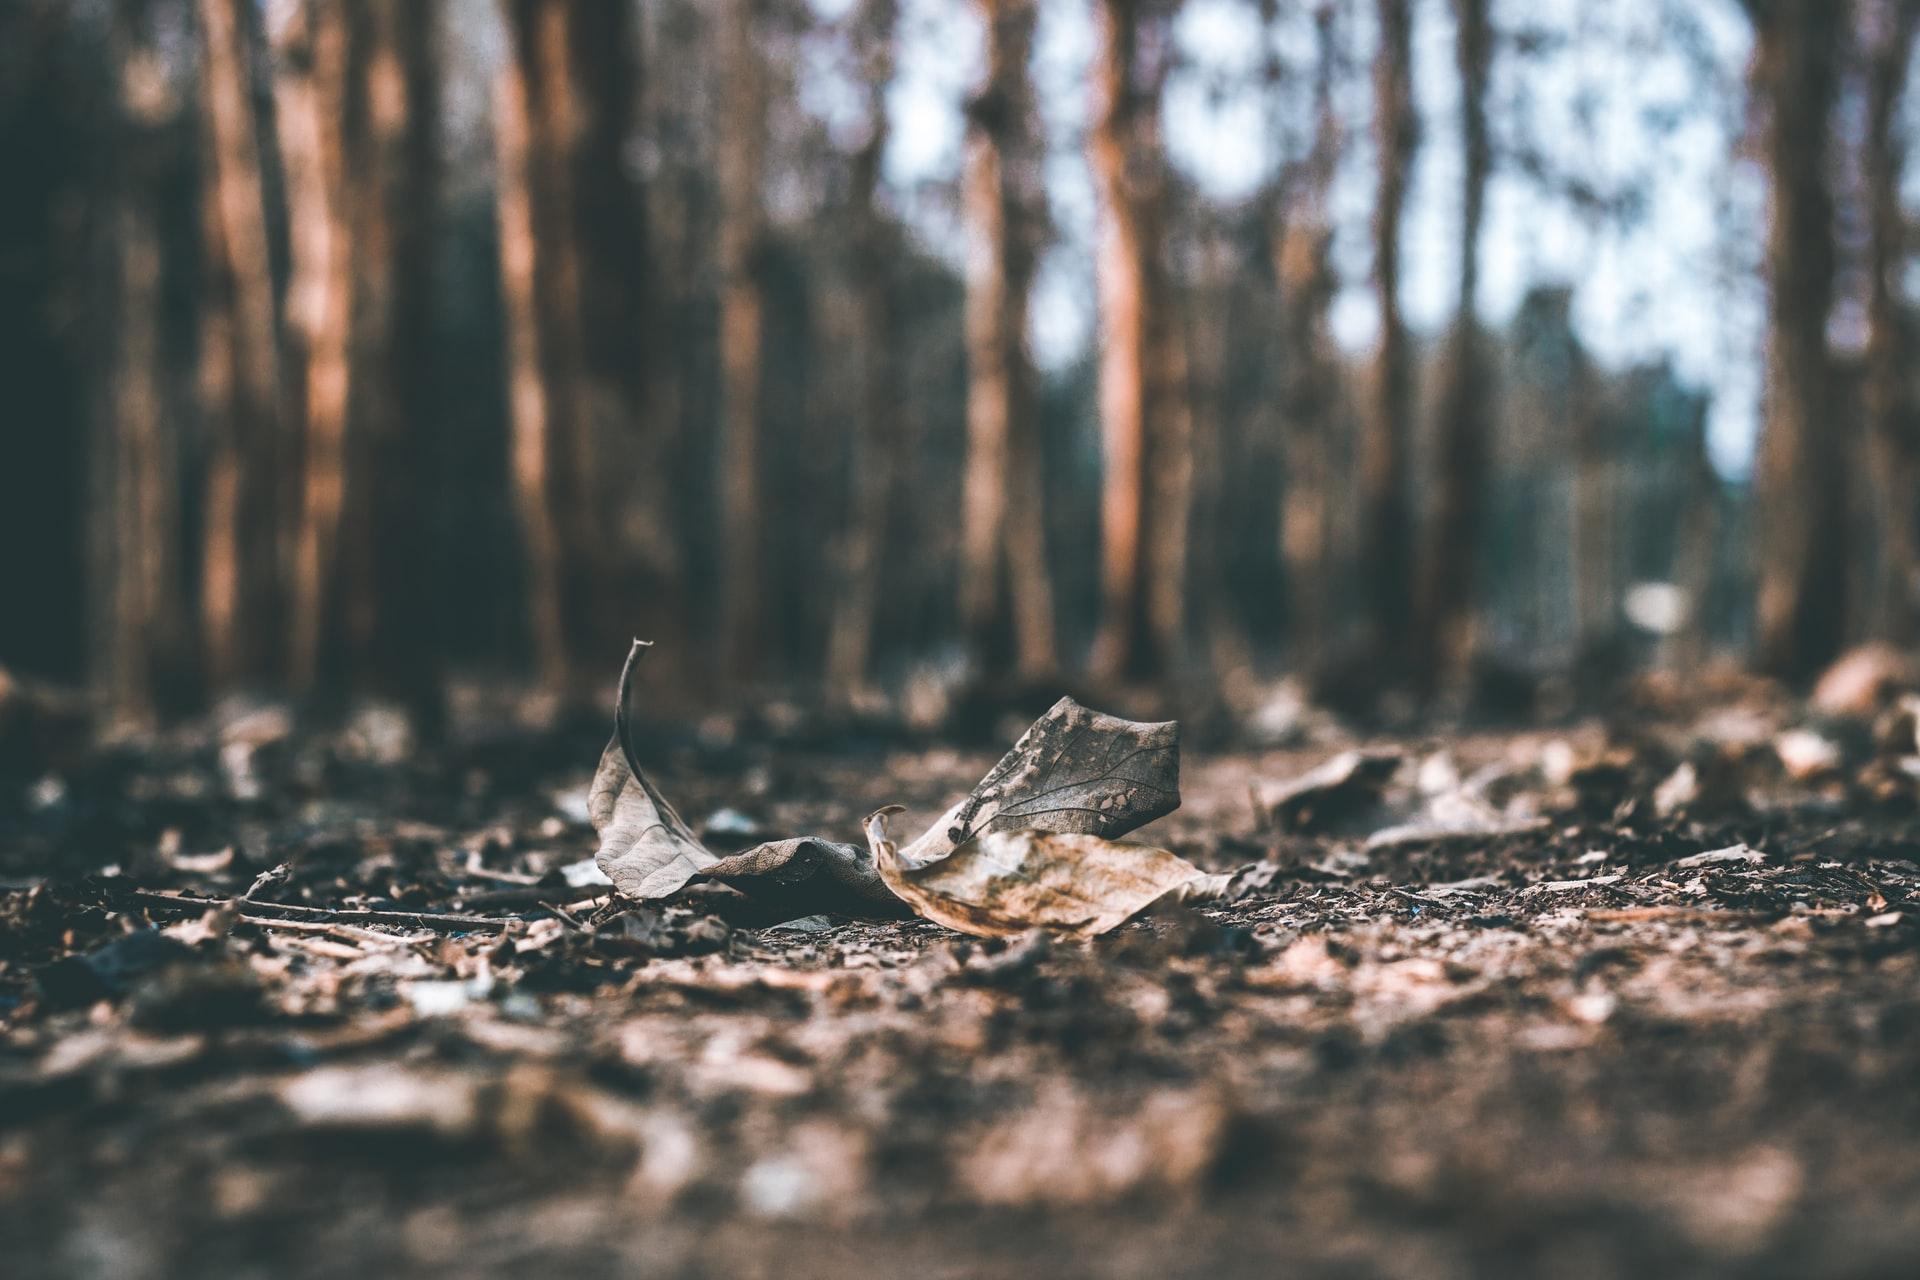 Grond en bladeren in een herfstbos